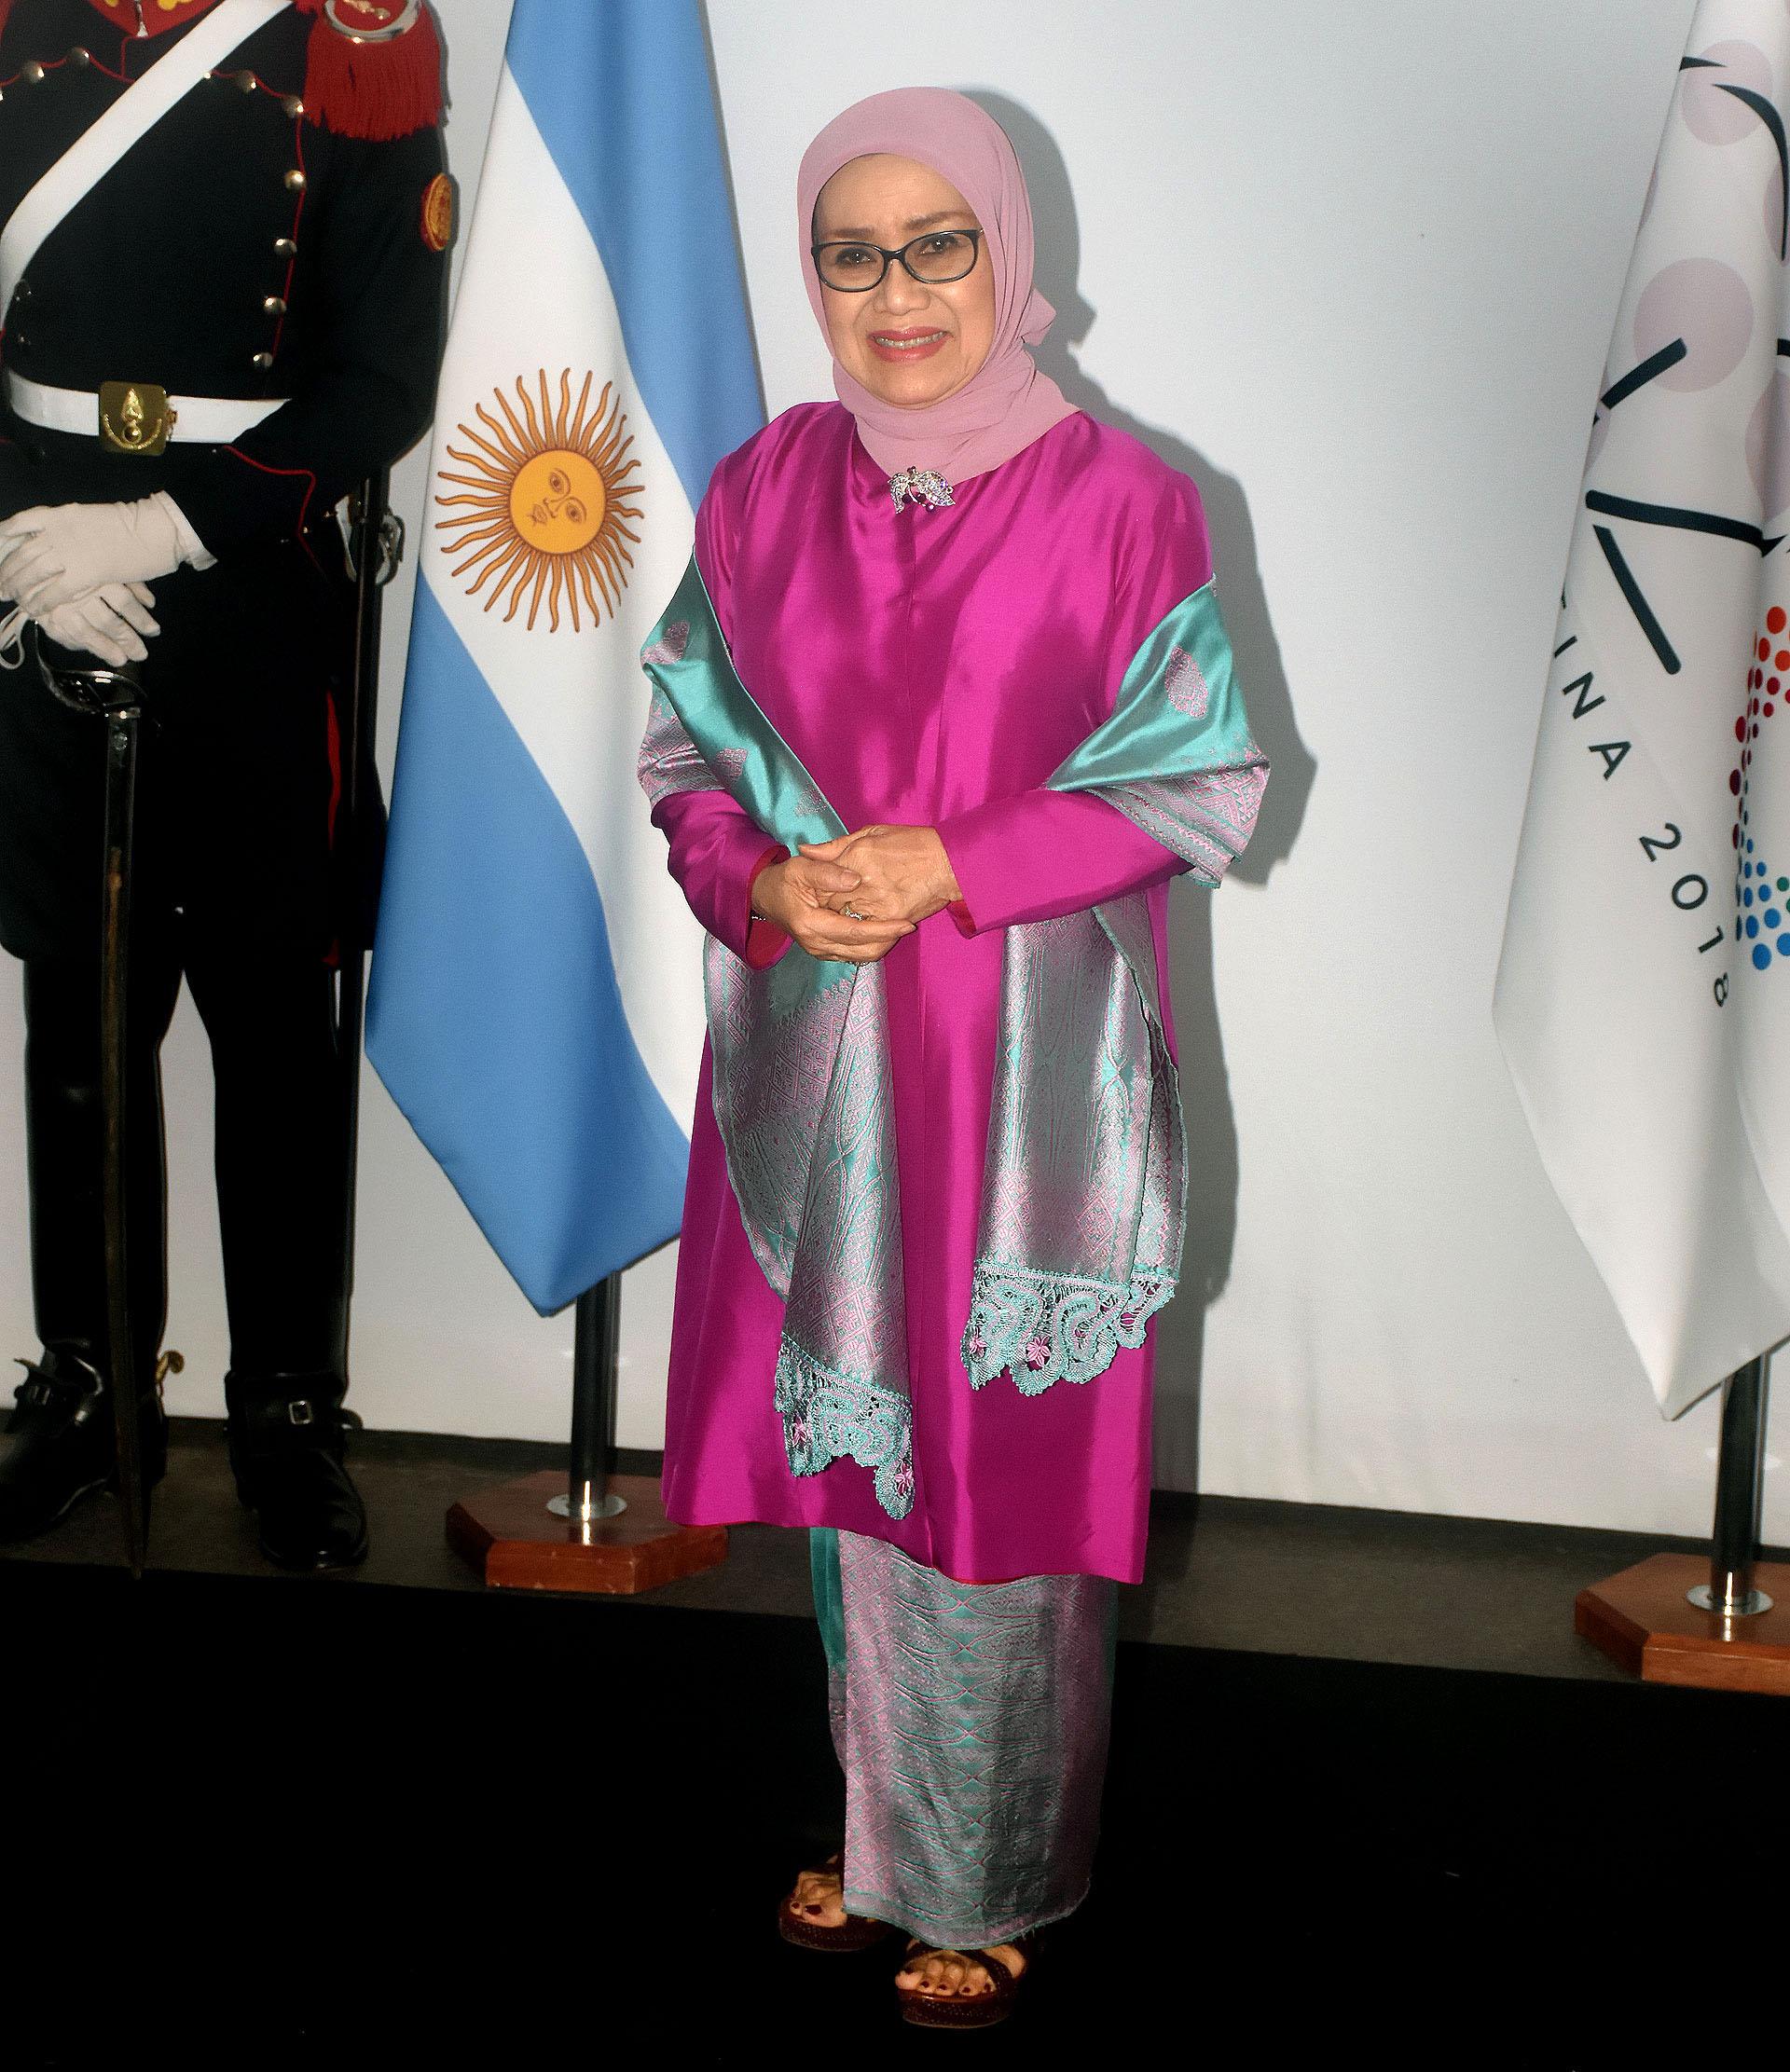 Mufidah Jusuf Kalla, esposa del vicepresidente de Indonesia,lució el hijab en rosa pastel y el atuendo como lo indica el vestuario de su país en tonos metalizados: fucsia vibrante, gris y turquesa. Completó el look con un chal y sandalias negras